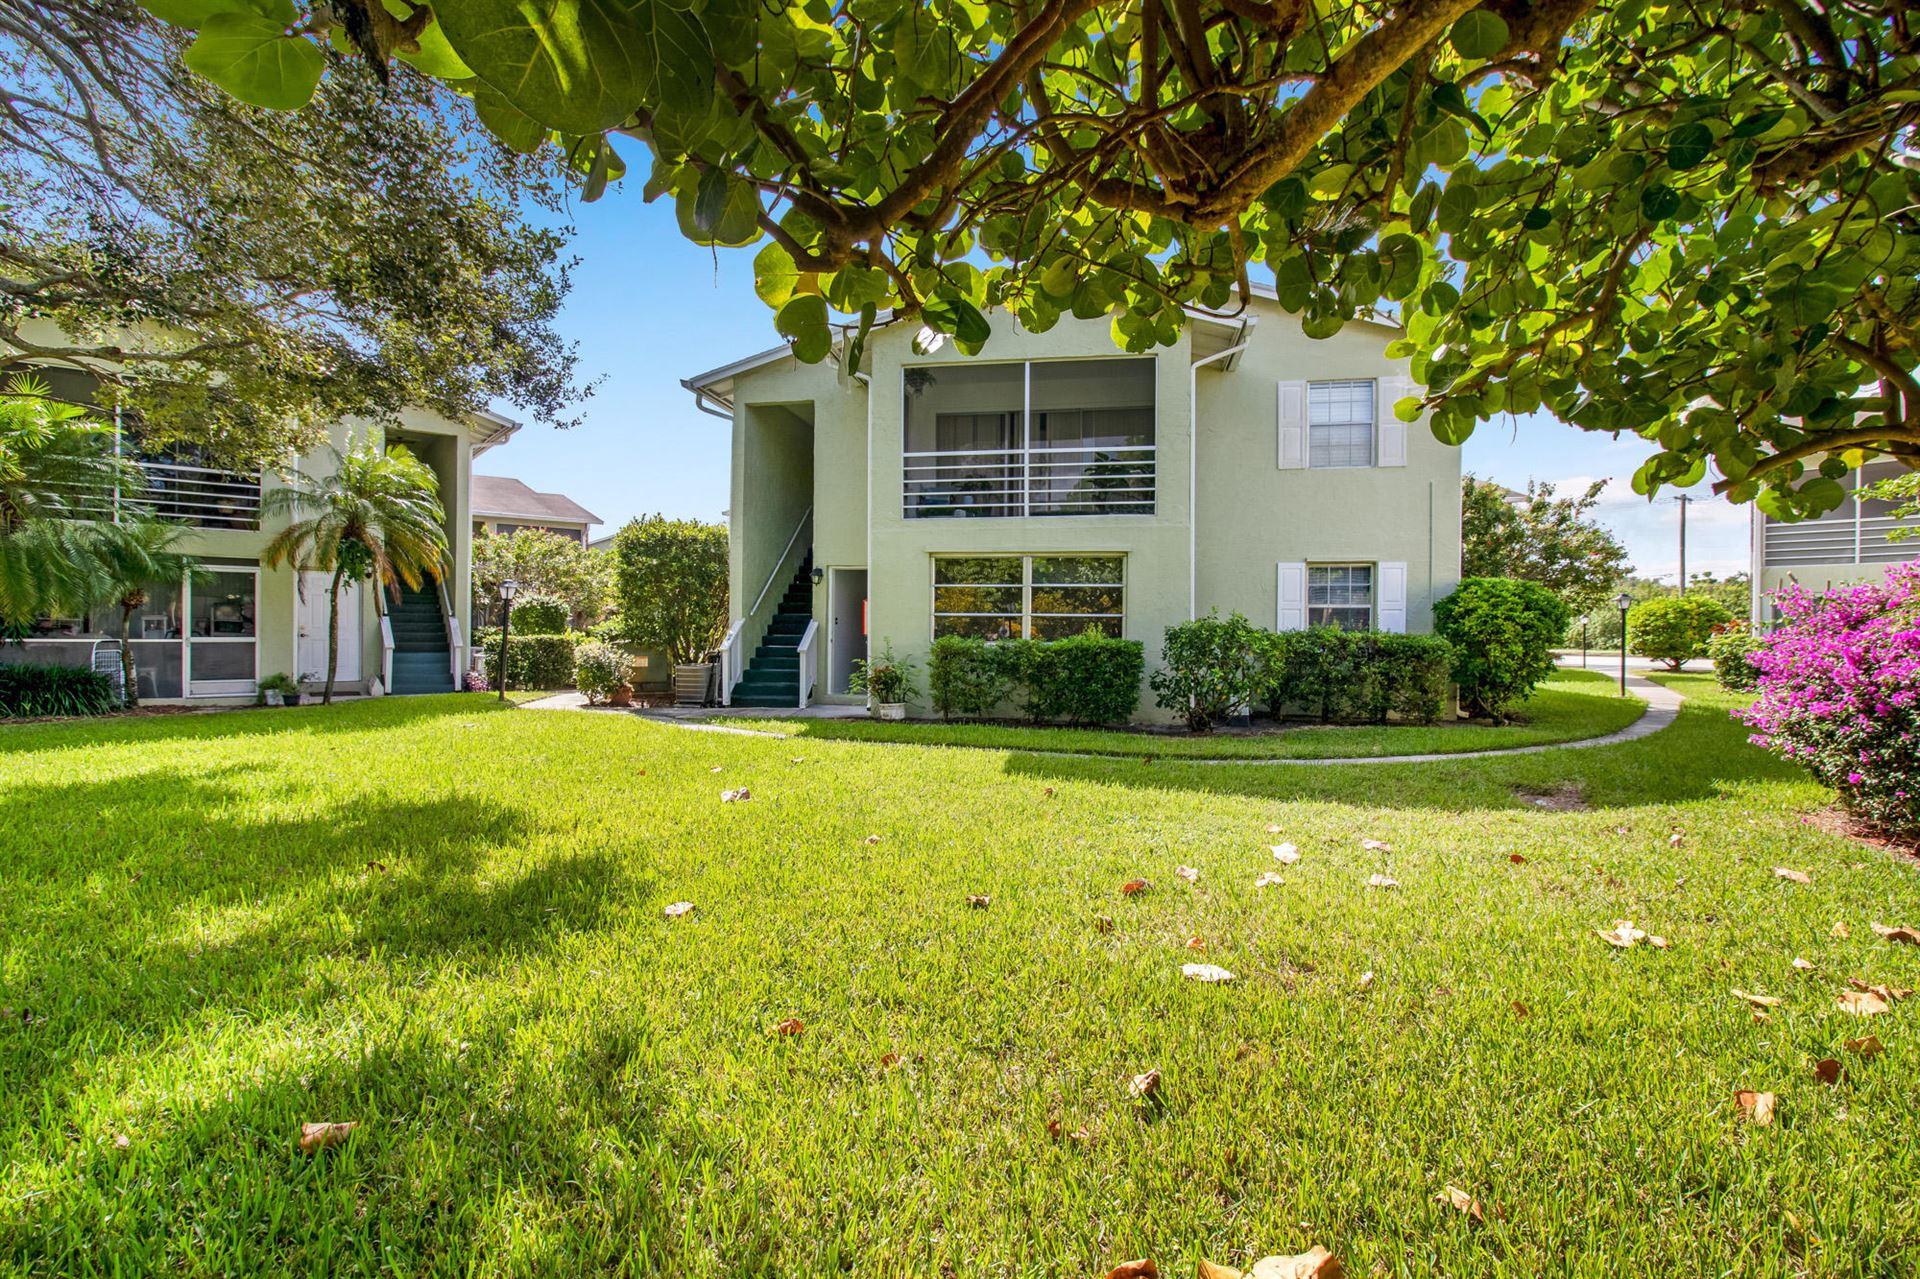 12104 Alternate A1a #G7, Palm Beach Gardens, FL 33410 - #: RX-10572164